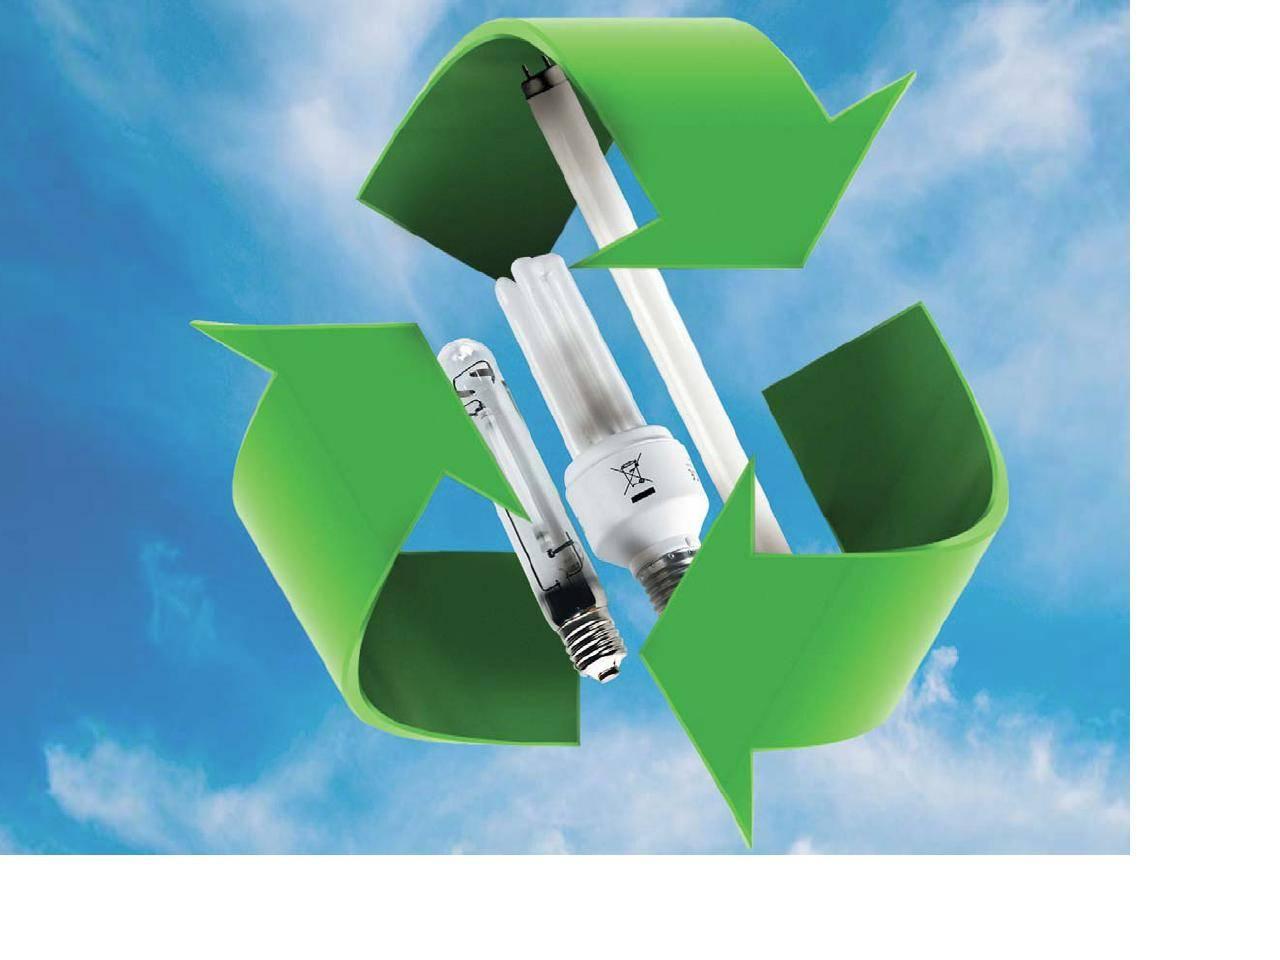 Becuri_reciclare_432452057f